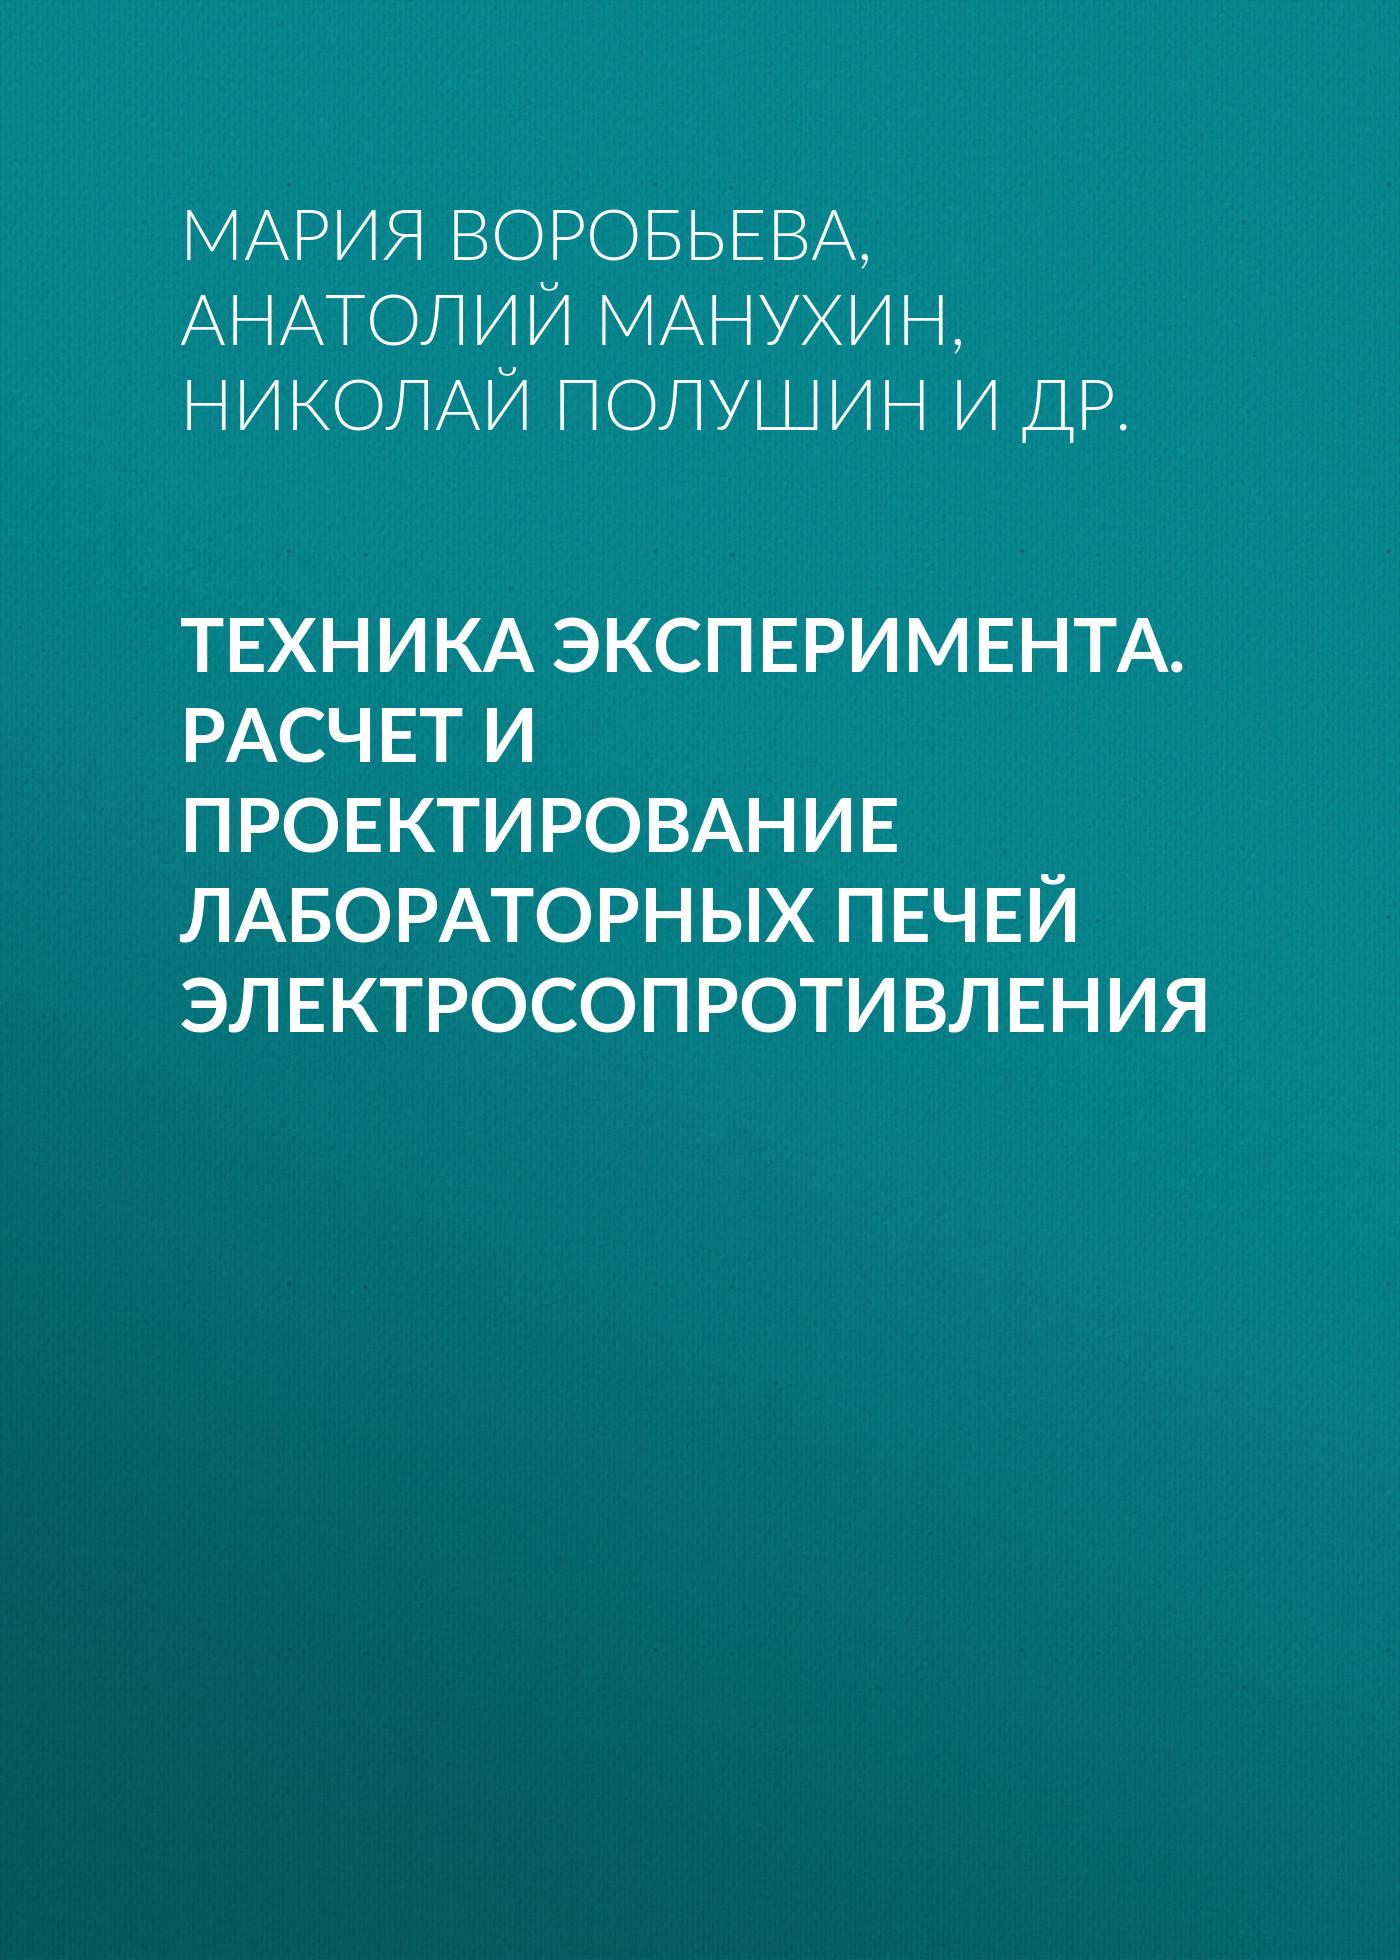 Мария Воробьева Техника эксперимента. Расчет и проектирование лабораторных печей электросопротивления